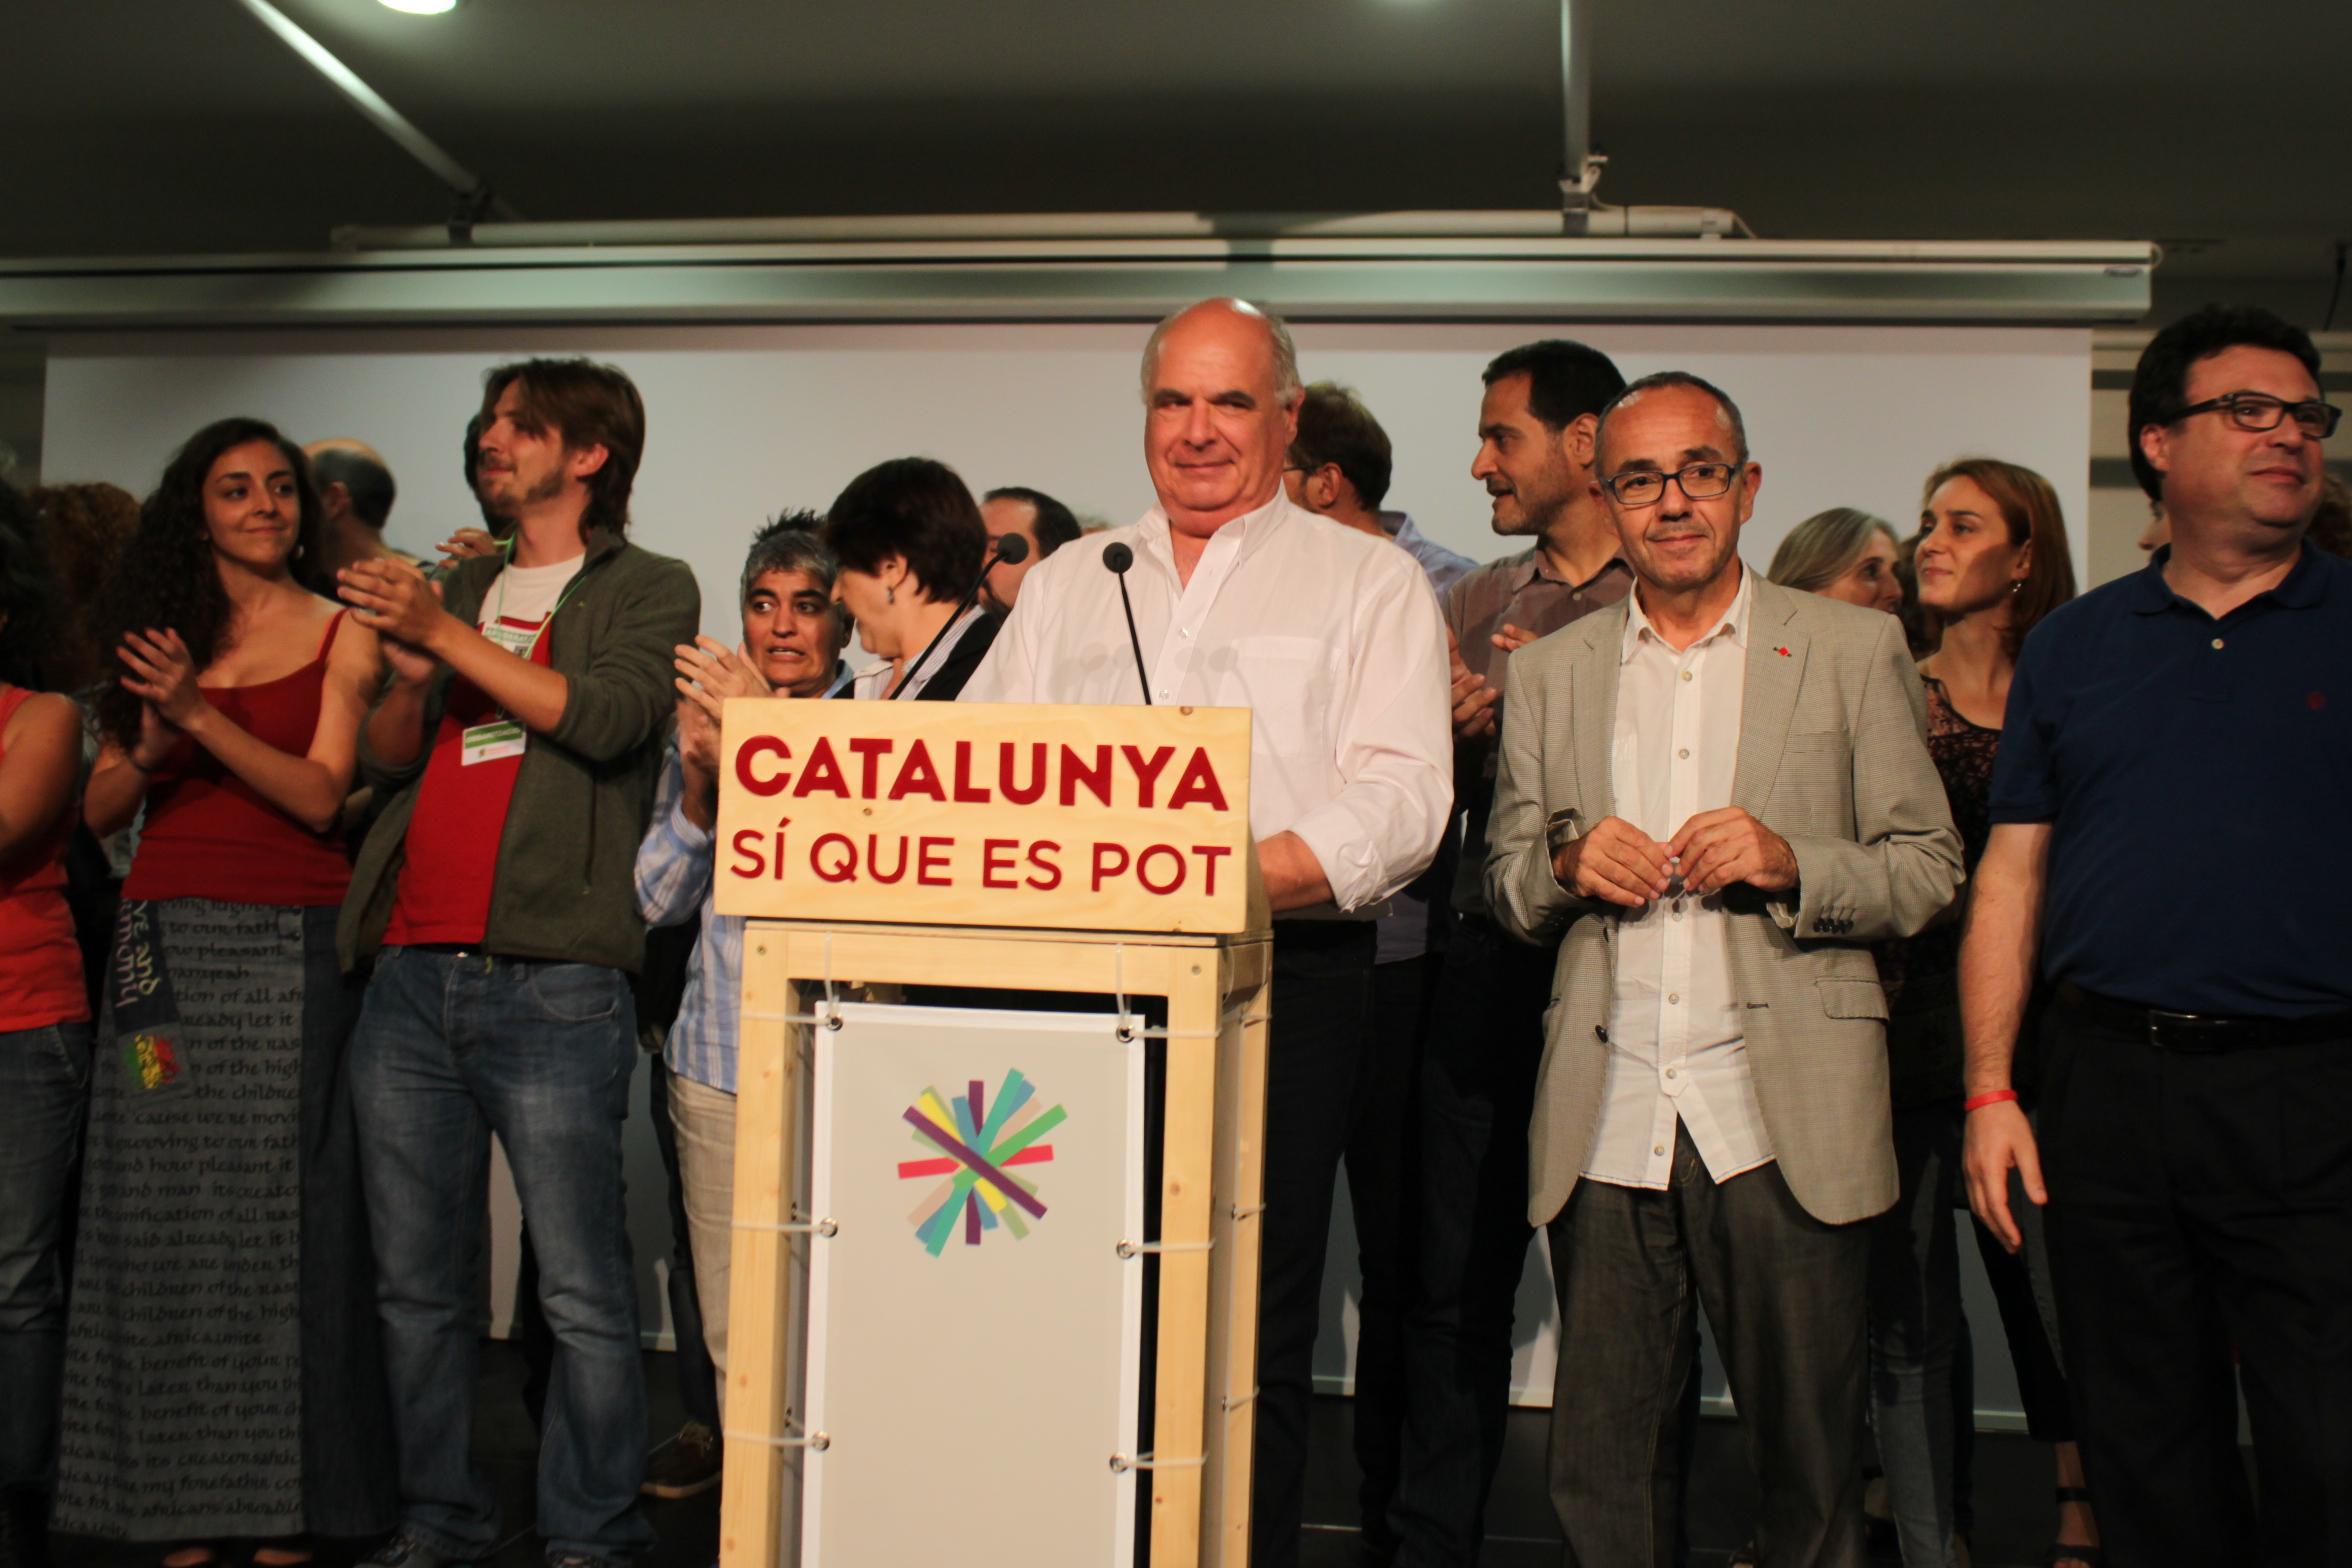 Lluís Rabell i Joan Coscubiela, de Catalunya Sí Que Es Pot, ahir a la nit electoral a la Fabra i Coats / MARC FONT